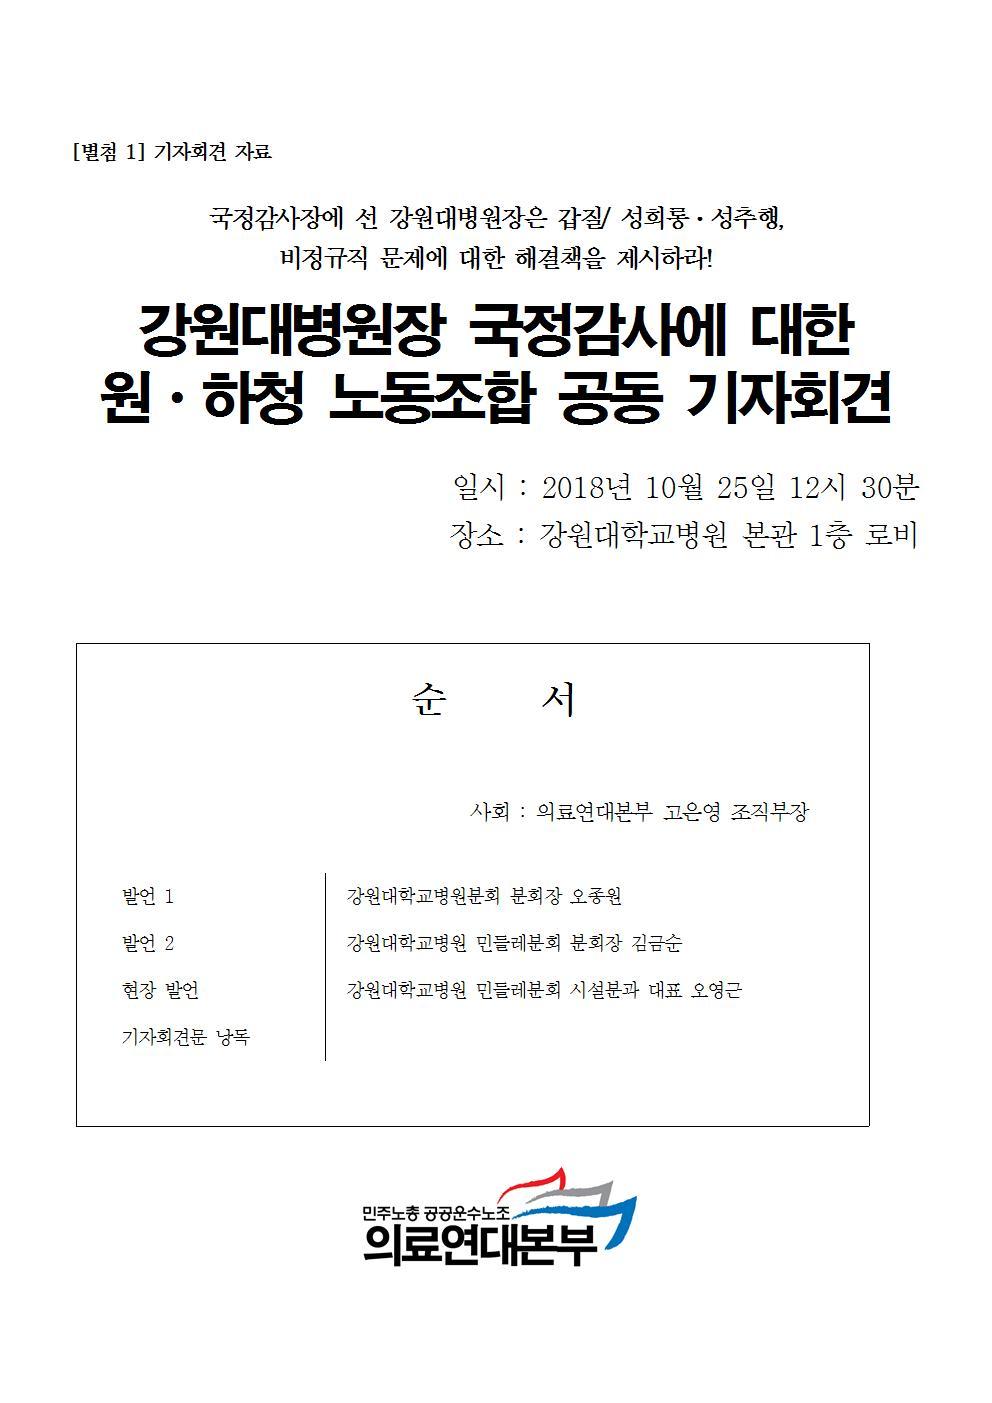 181025_[보도자료] 강원대병원장국정감사 원하청 공동기자회견003.jpg